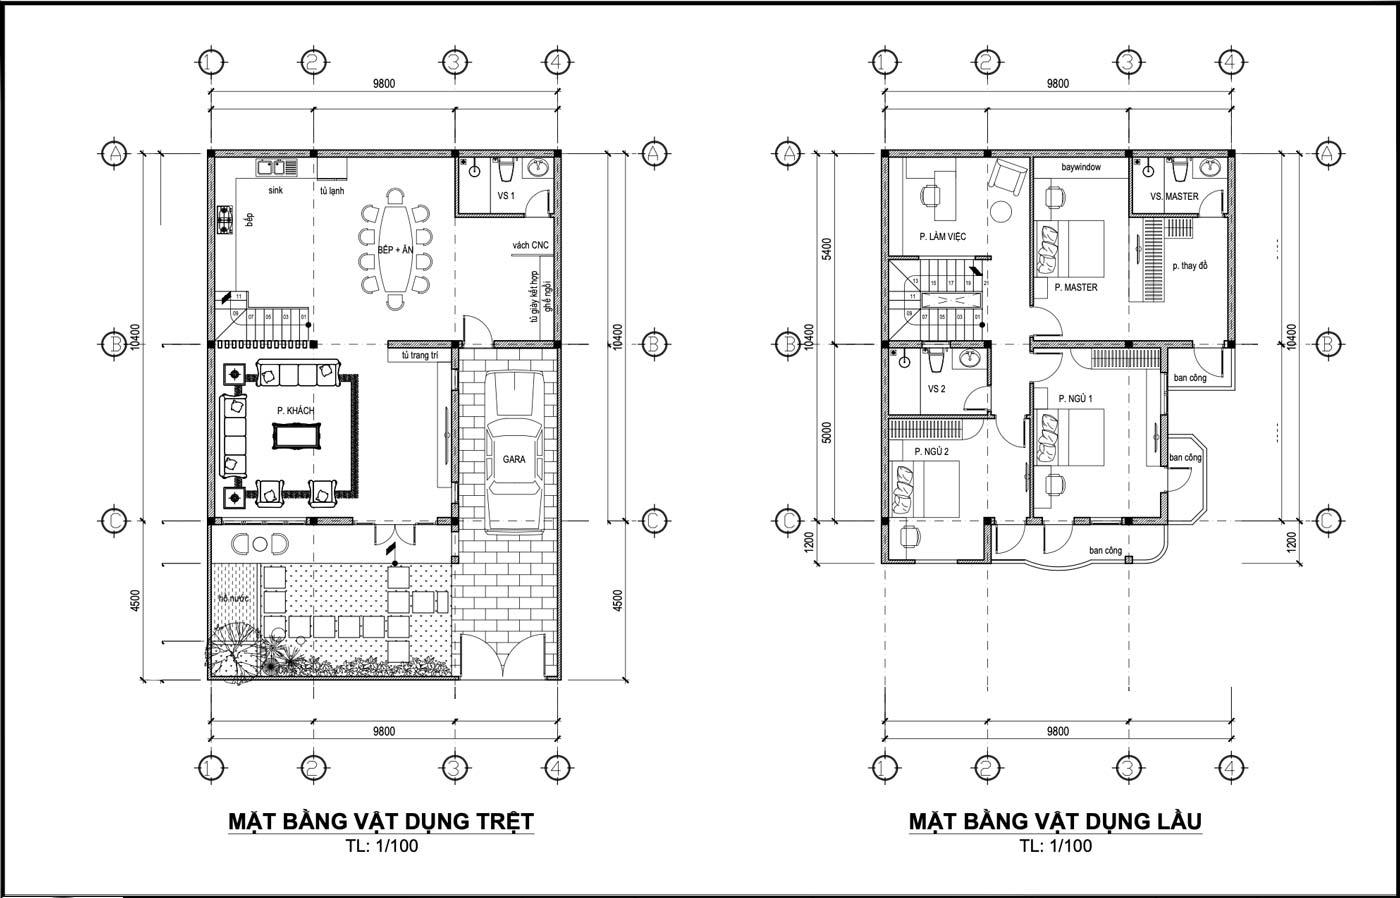 Mặt bằng tầng trệt và lầu 1 biệt thự phố 3 tầng hiện đại